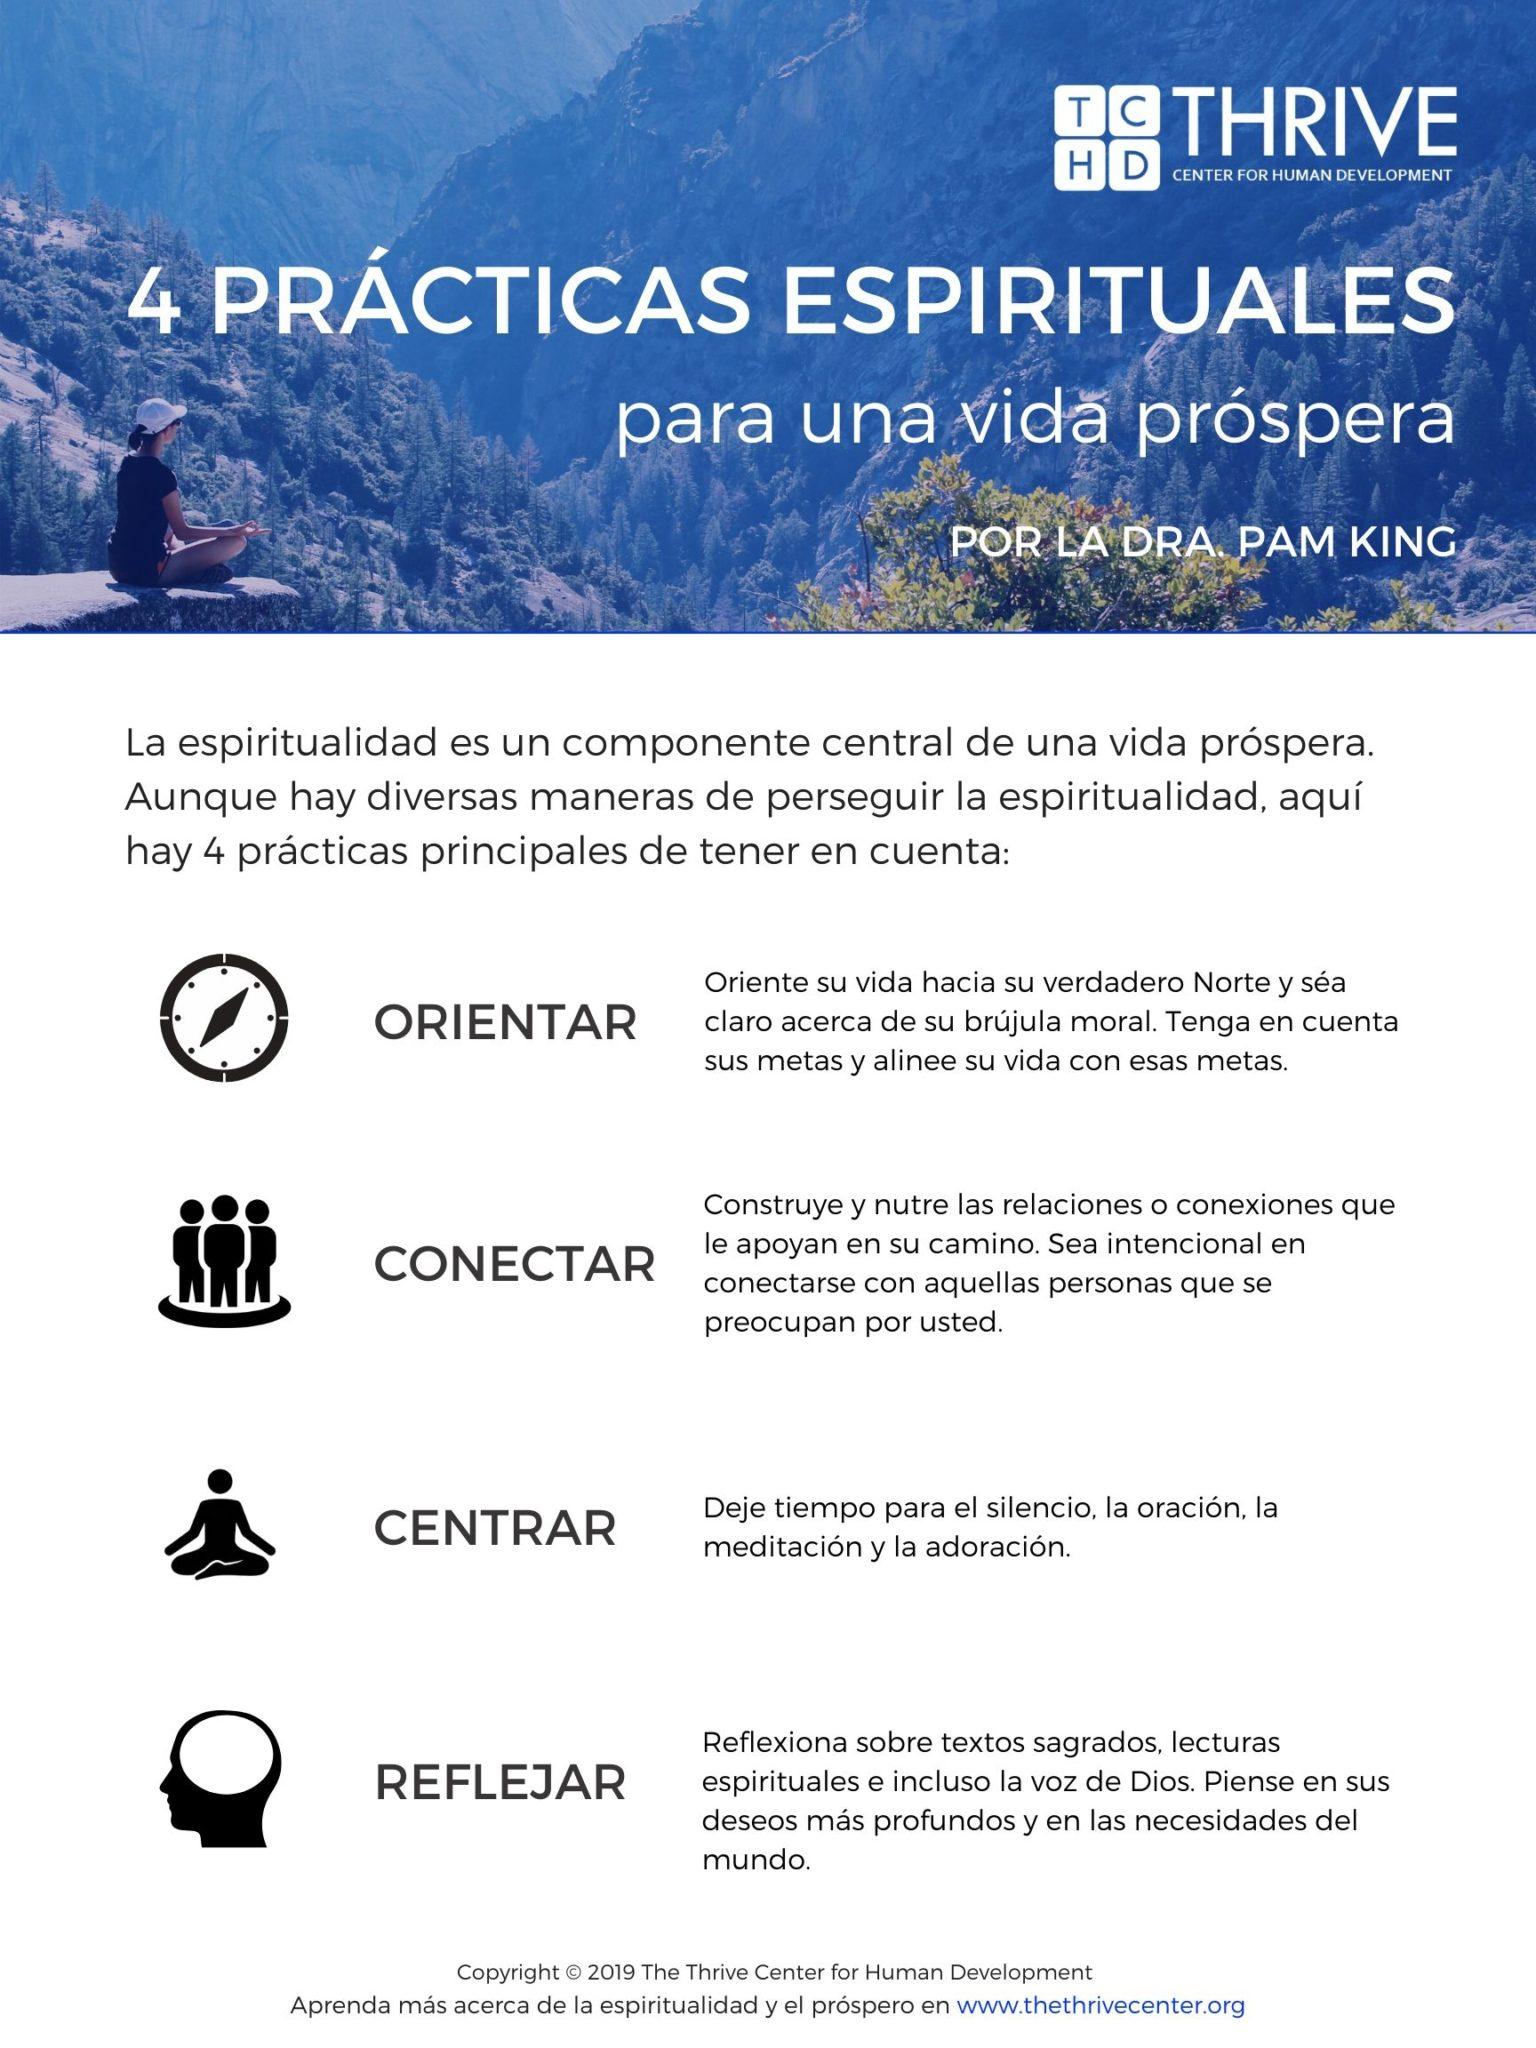 4 Practicas Espirituales